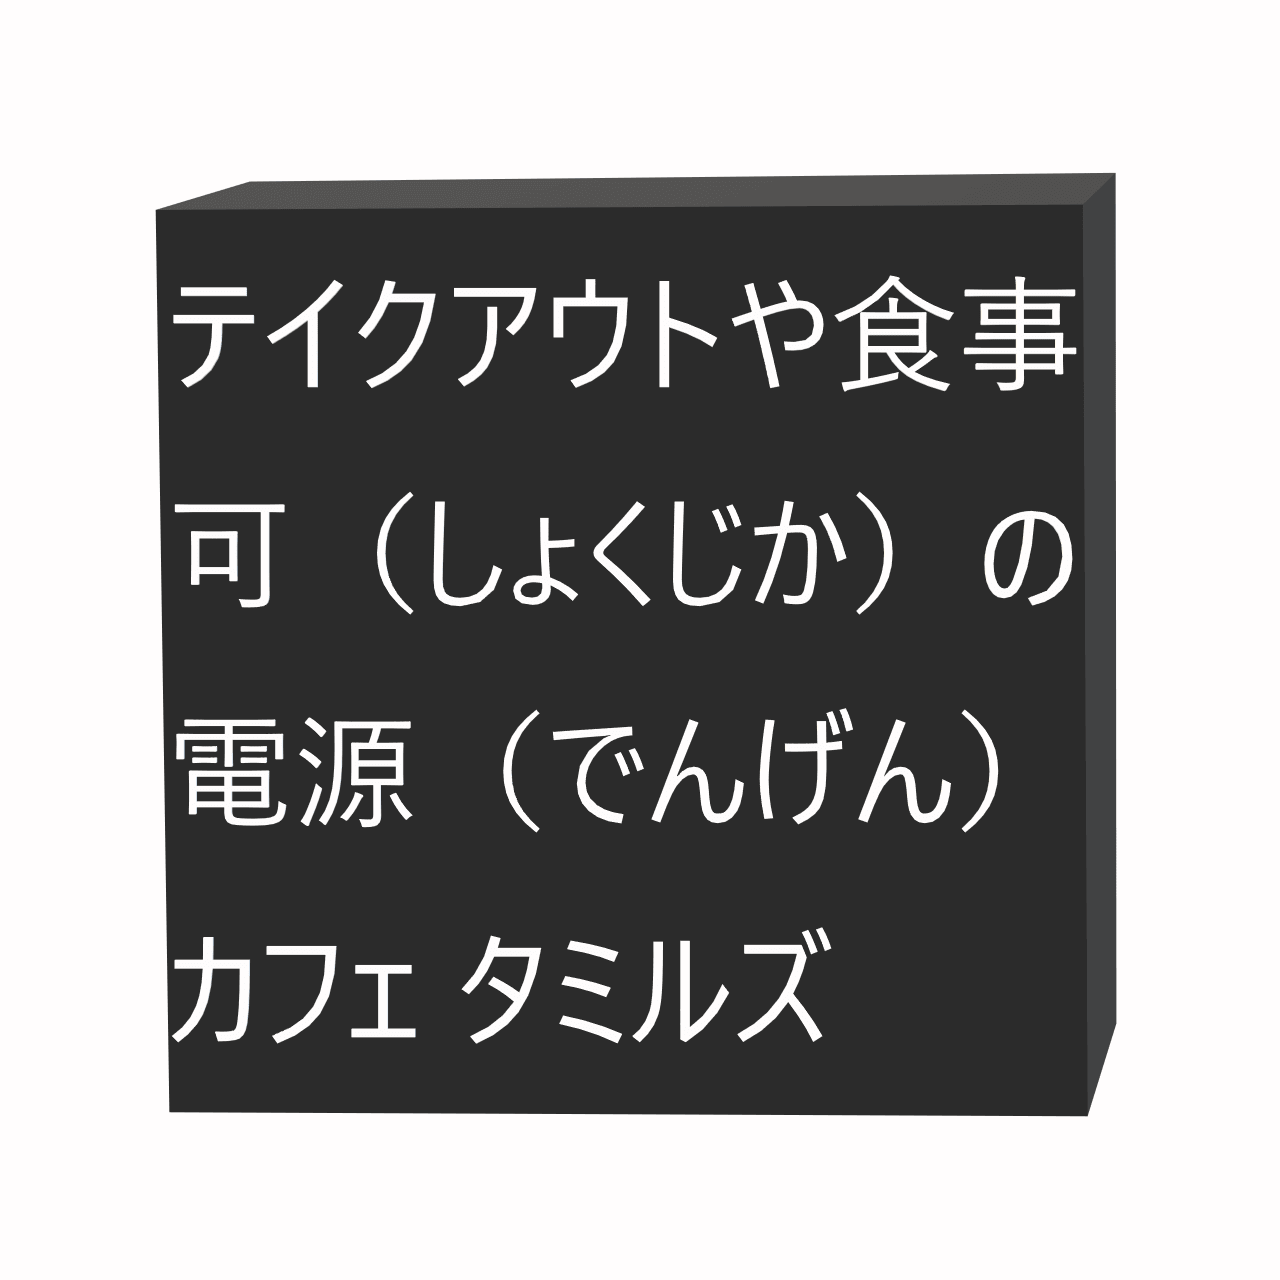 品川駅(しながわえき)の構内図(こうないず)やエキュート品川(しながわ)への地図、待(ま)ち合わせ場所(ばしょ)、エキュート品川(しながわ)サウスやエキュート品川(しながわ)への行き方、勉強(べんきょう)やテイクアウト、食事可(しょくじか)の電源(でんげん)カフェ、暇(ひま)つぶしカフェのタミルズにおける無料(むりょう)、フリーwifi(ワイファイ) パスワードやバイト、充電(じゅうでん)やソフトクリームのおやつ、場所(ばしょ)やモーニングとは?にかかる画像(がぞう)